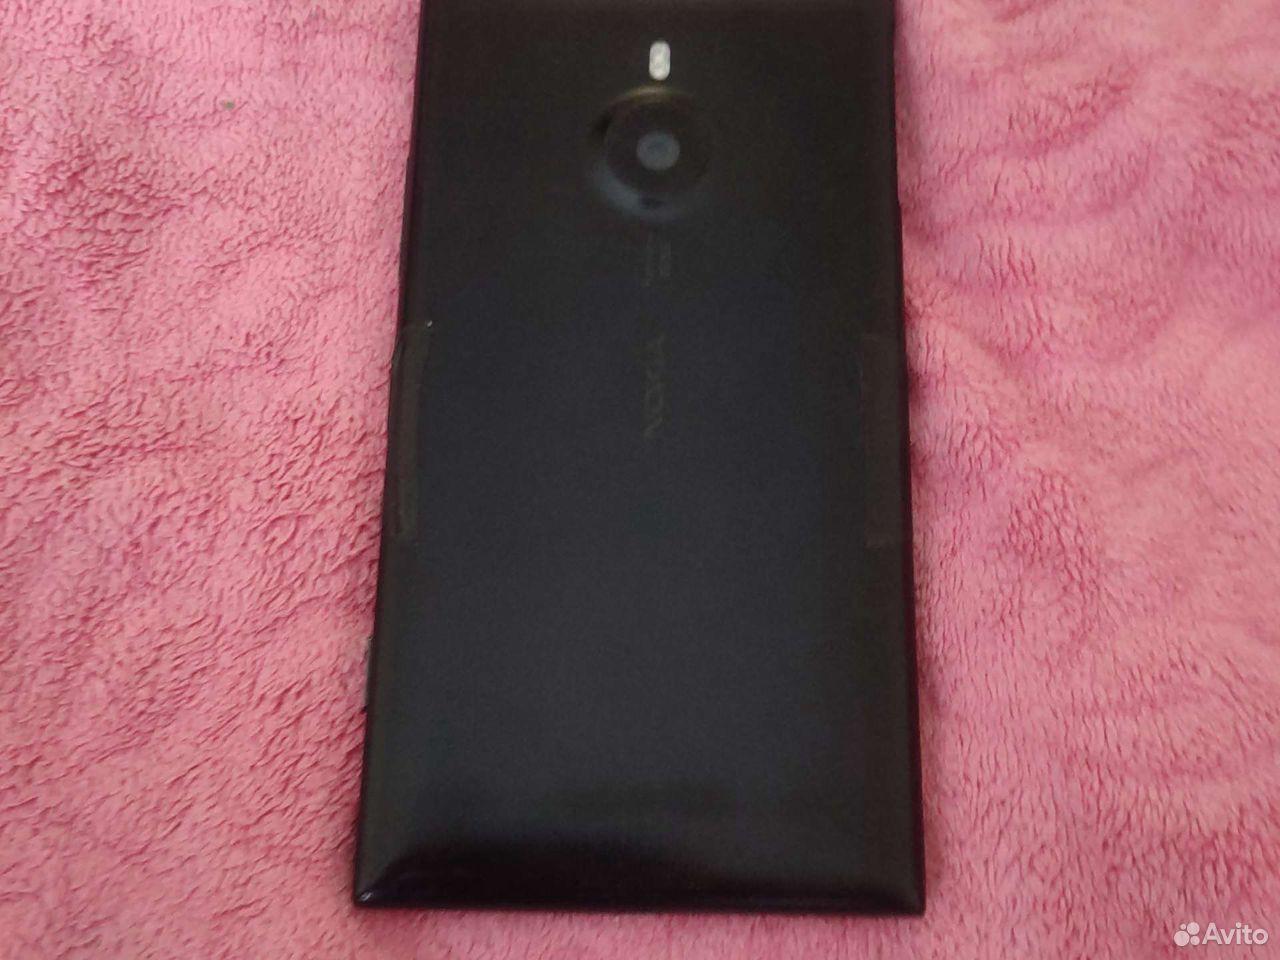 Nokia1520